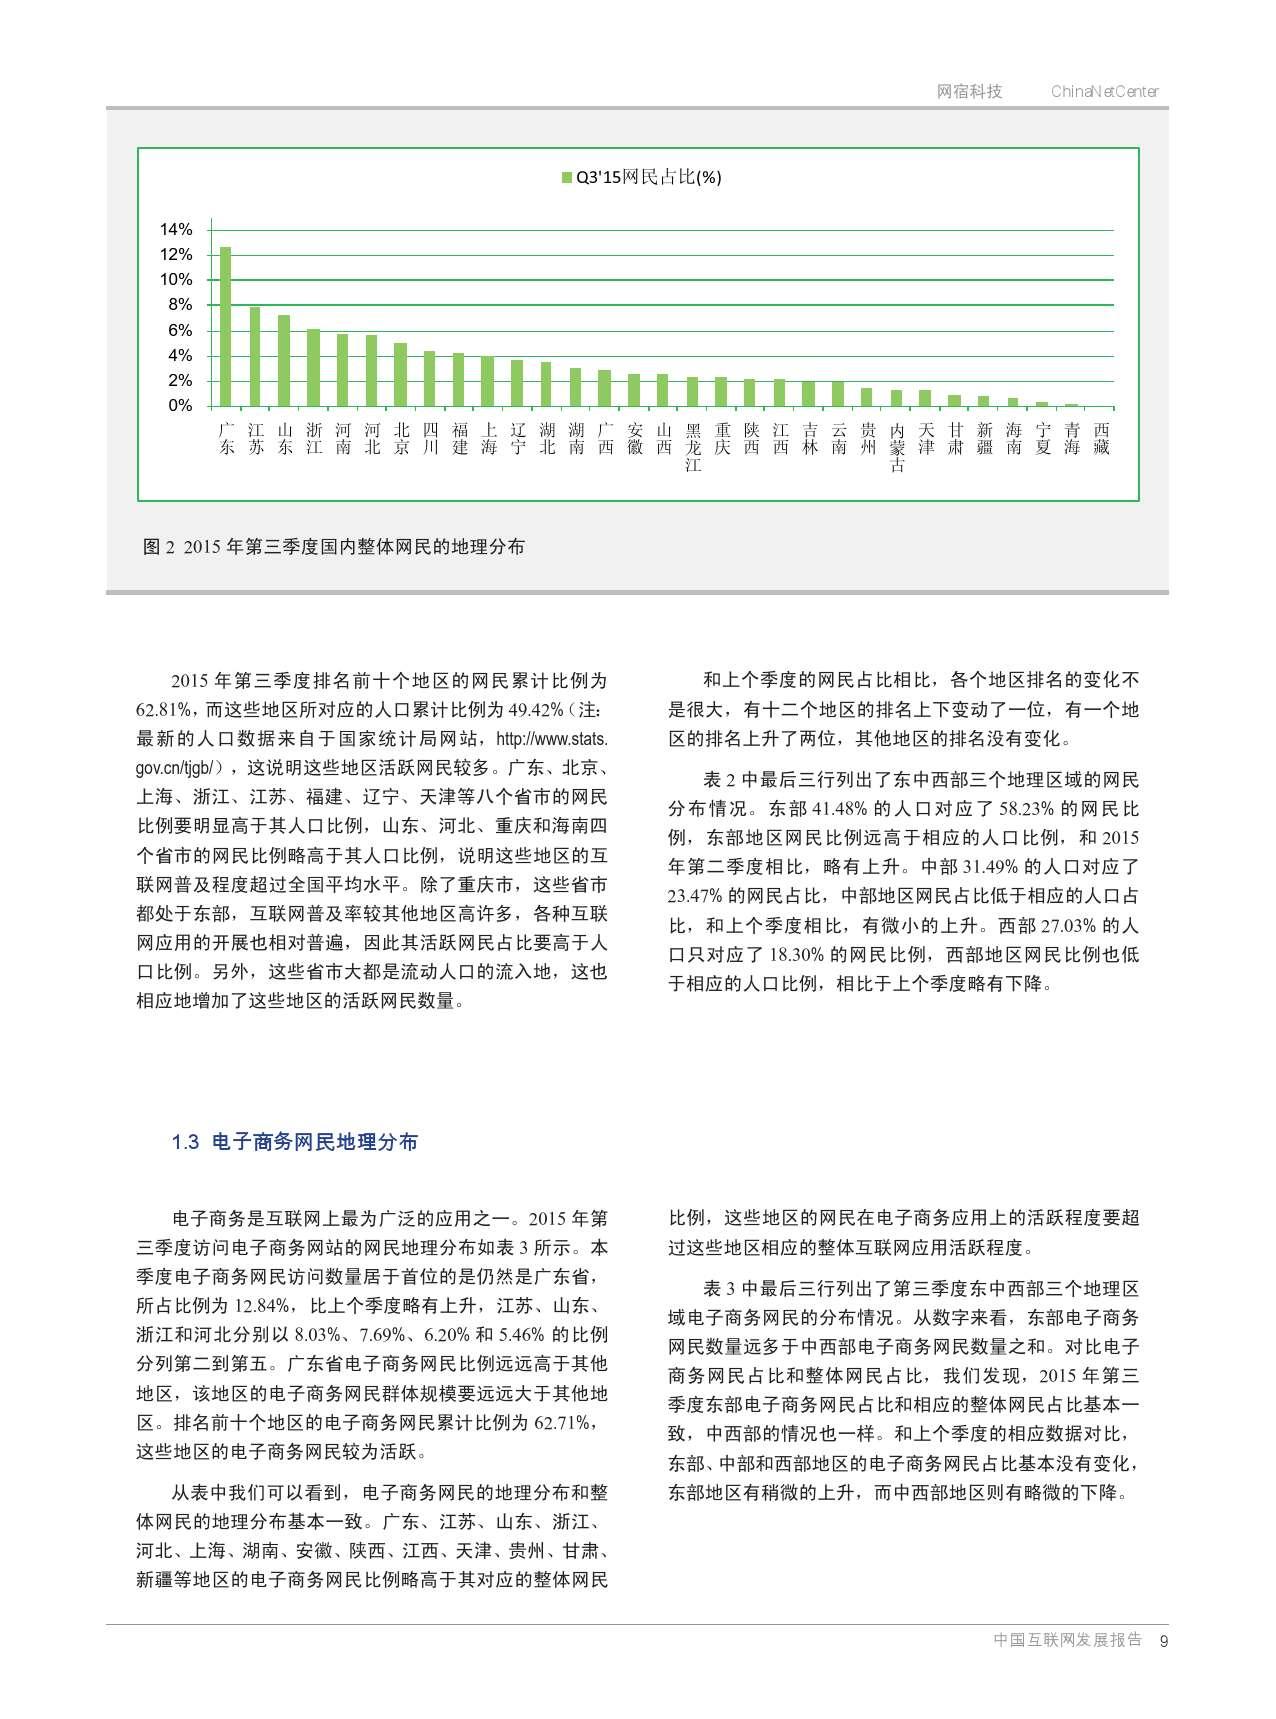 网宿:2015年Q3互联网报告_000008